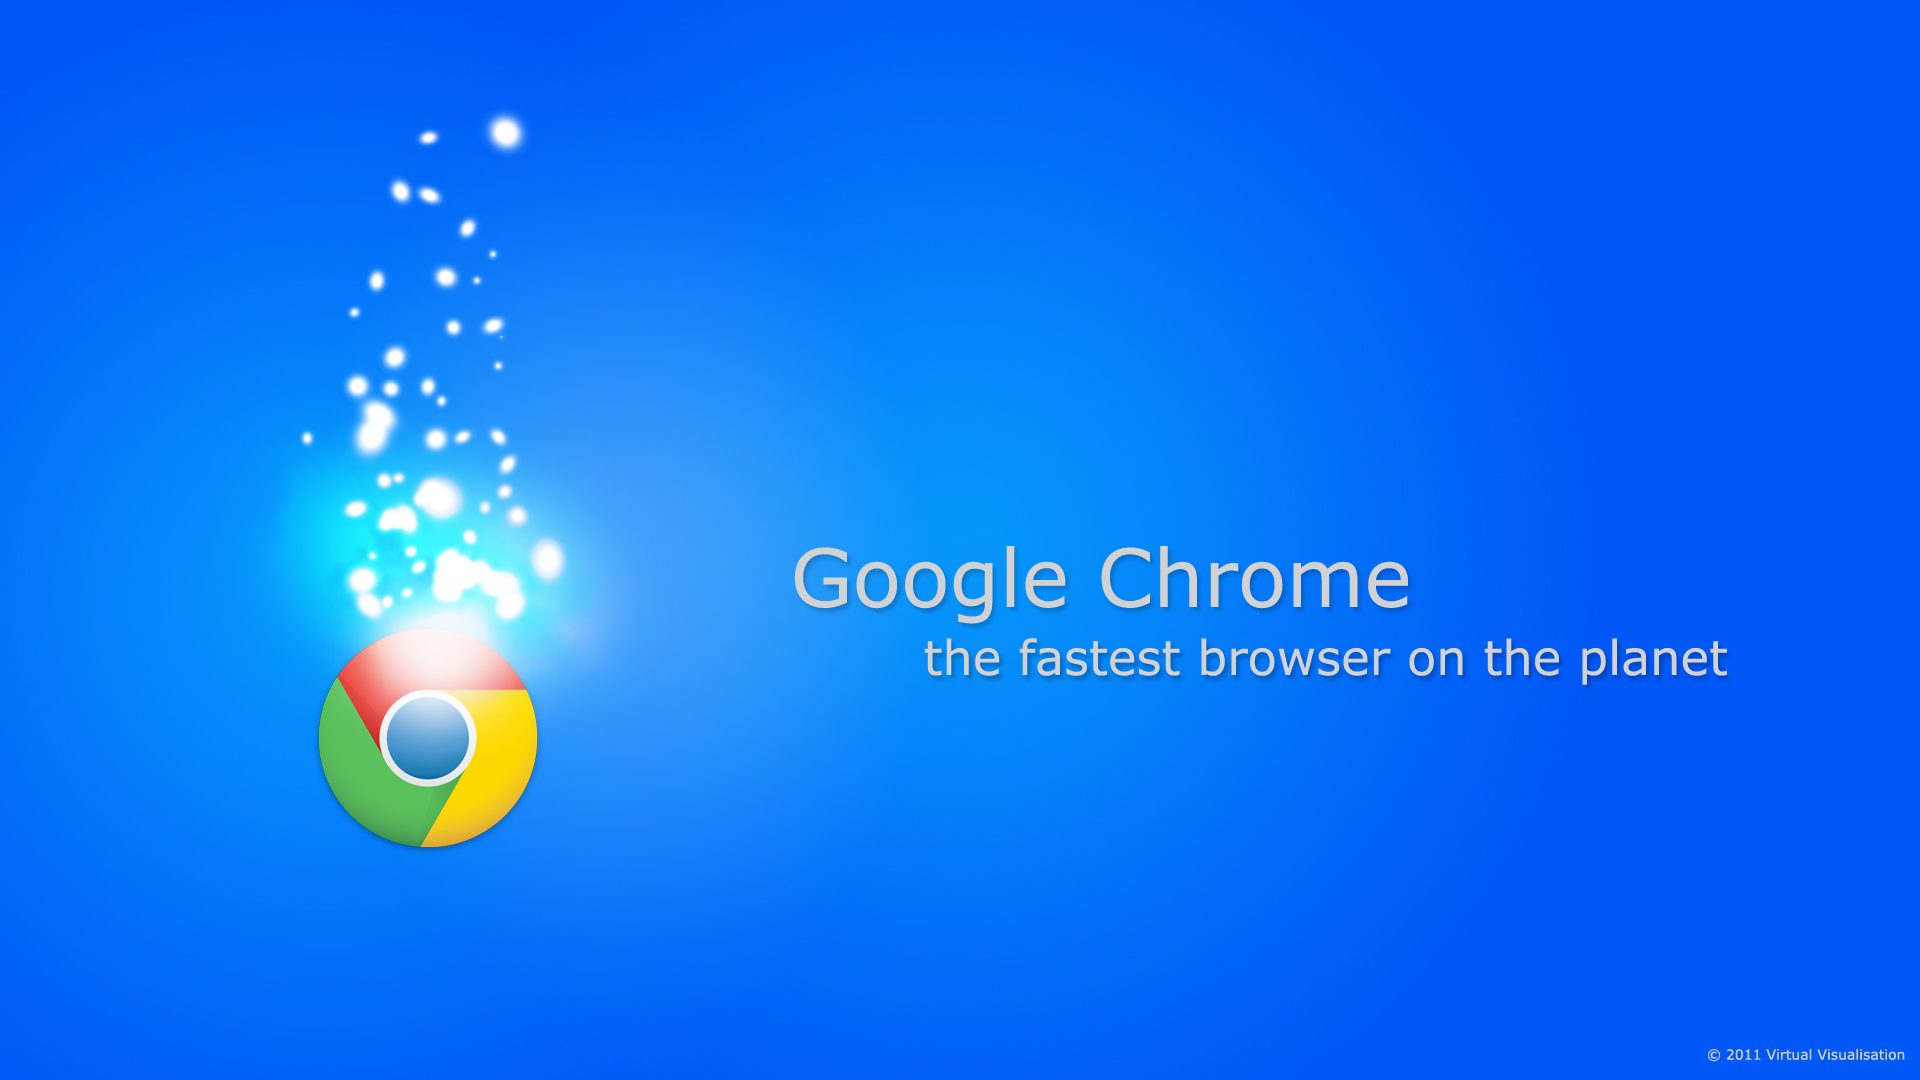 تحميل المتصفح العملاق Google Chrome 2015 احدث اصدار مباشرة وحصريا بوابة 2014,2015 google_chrome_full_h